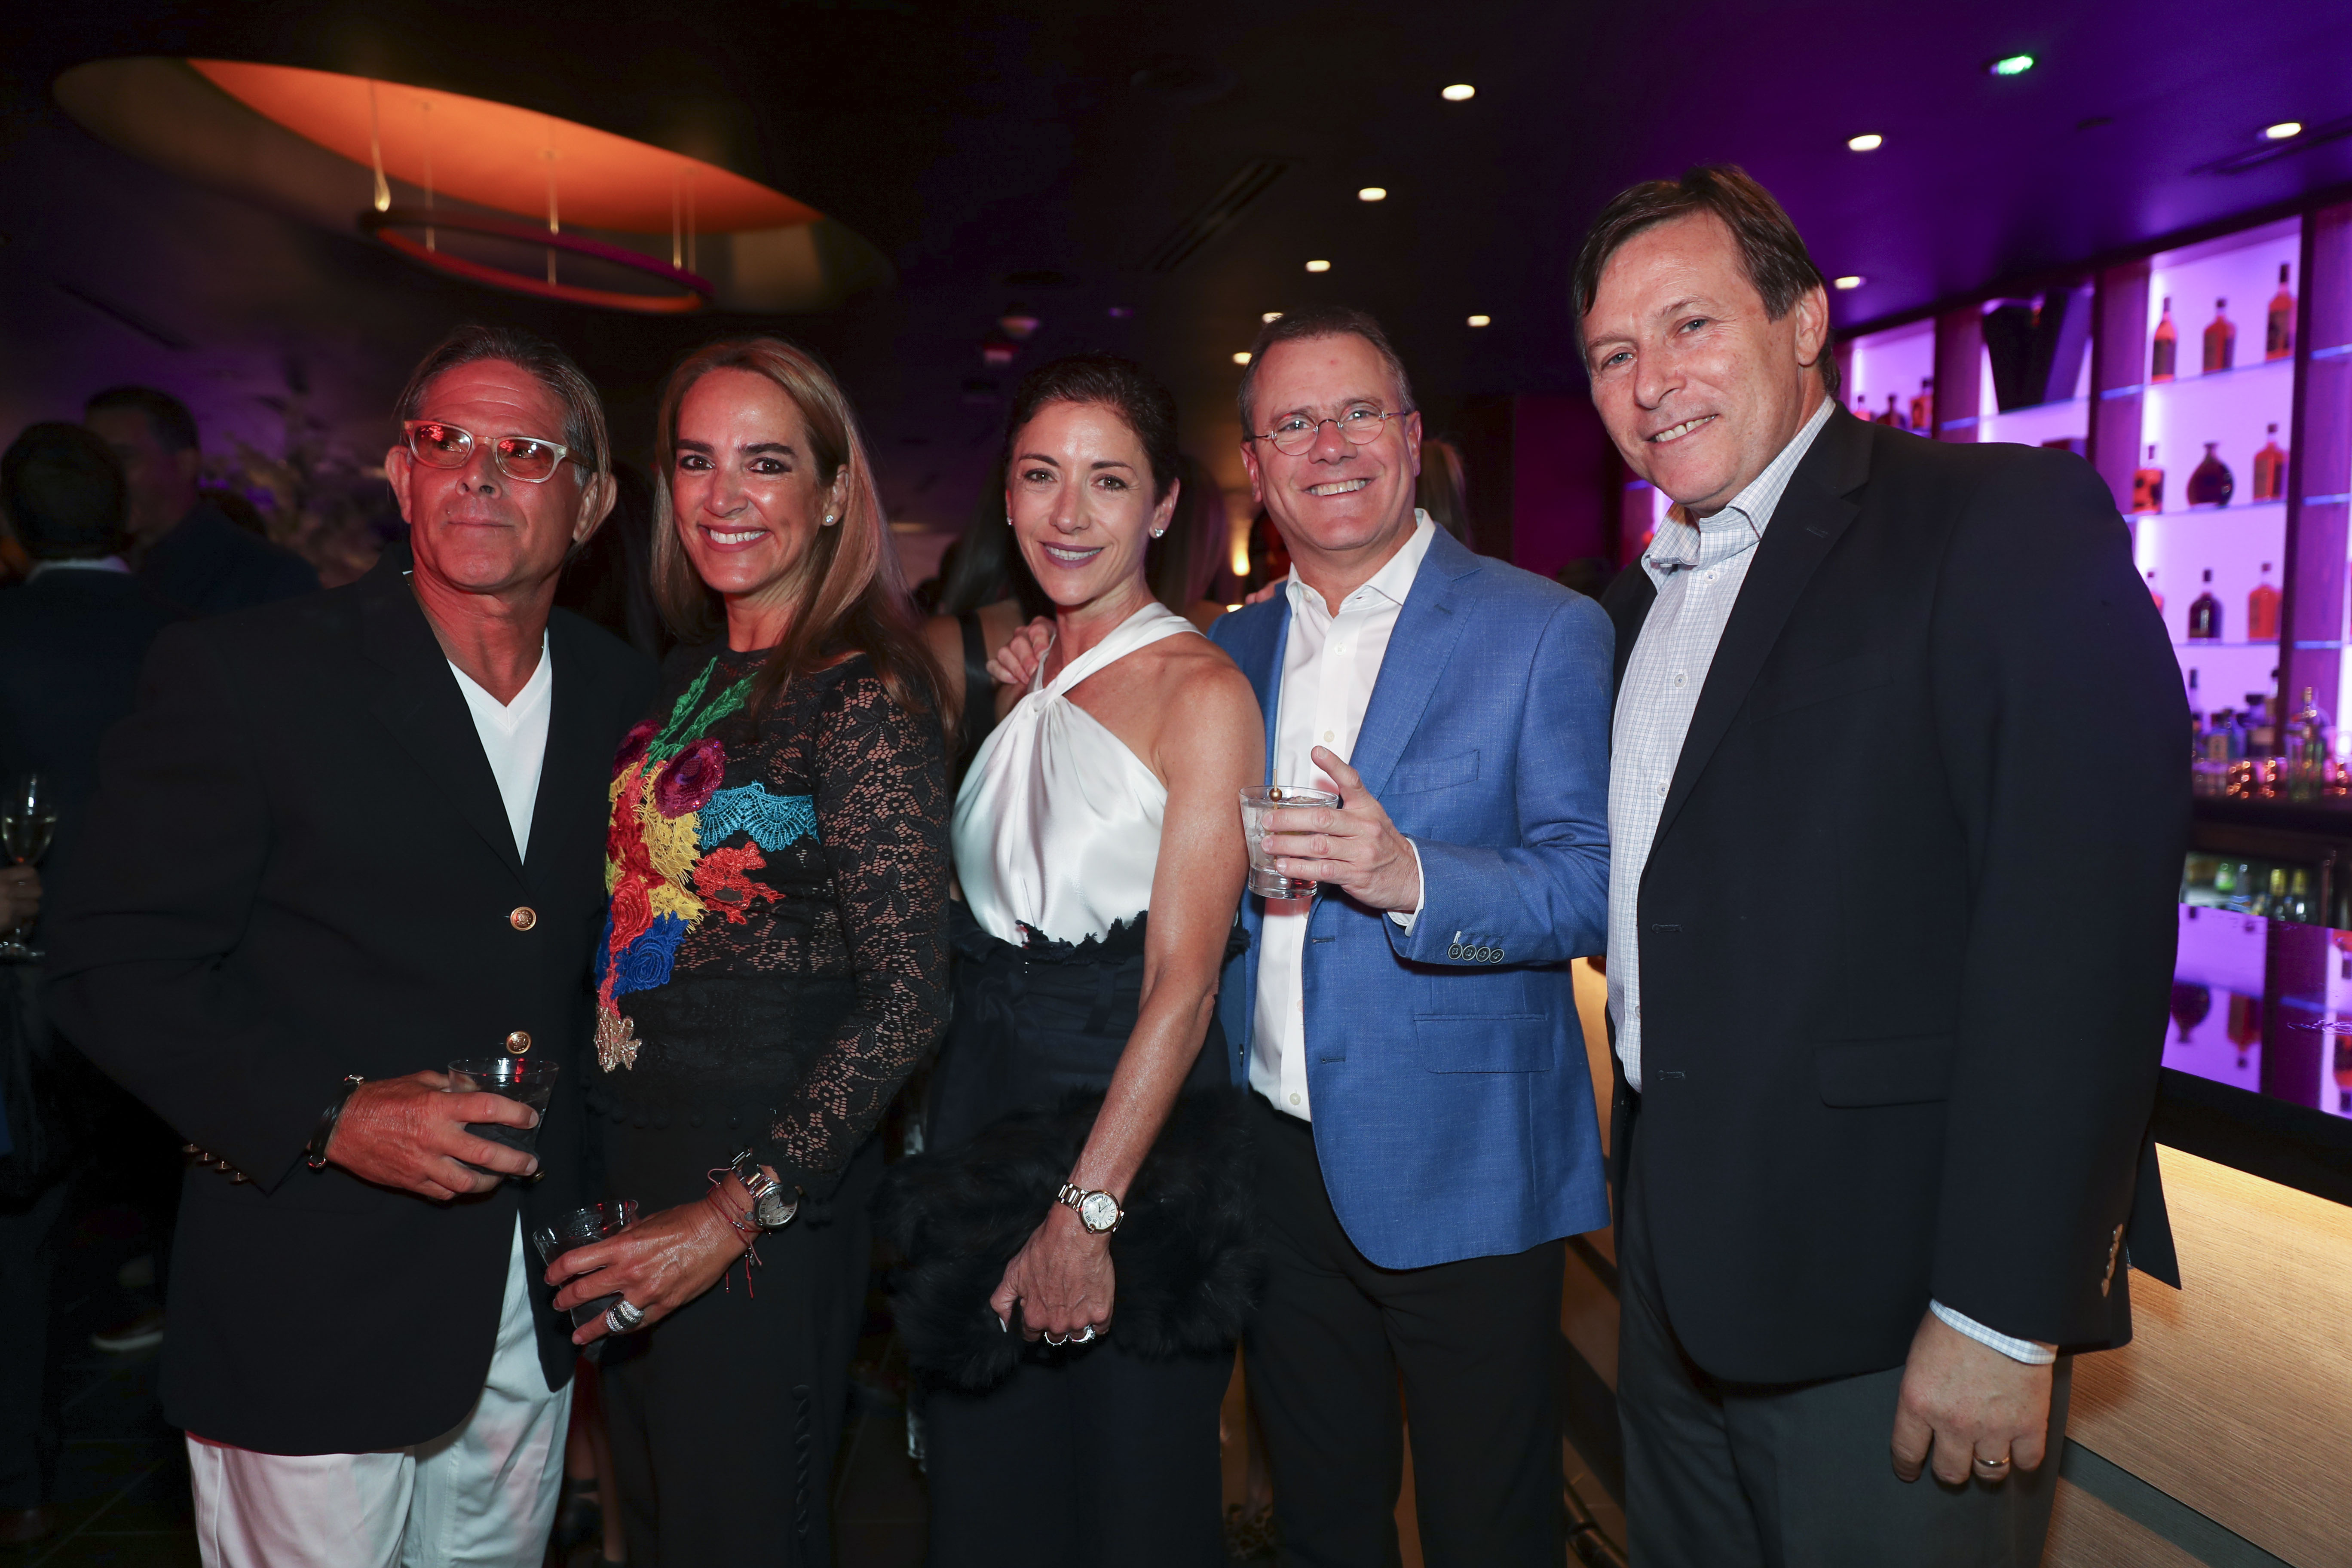 Alejandro y Mariana Aguirrechu, Violi y Tony Casellas y Joel Katz. (Suministrada)